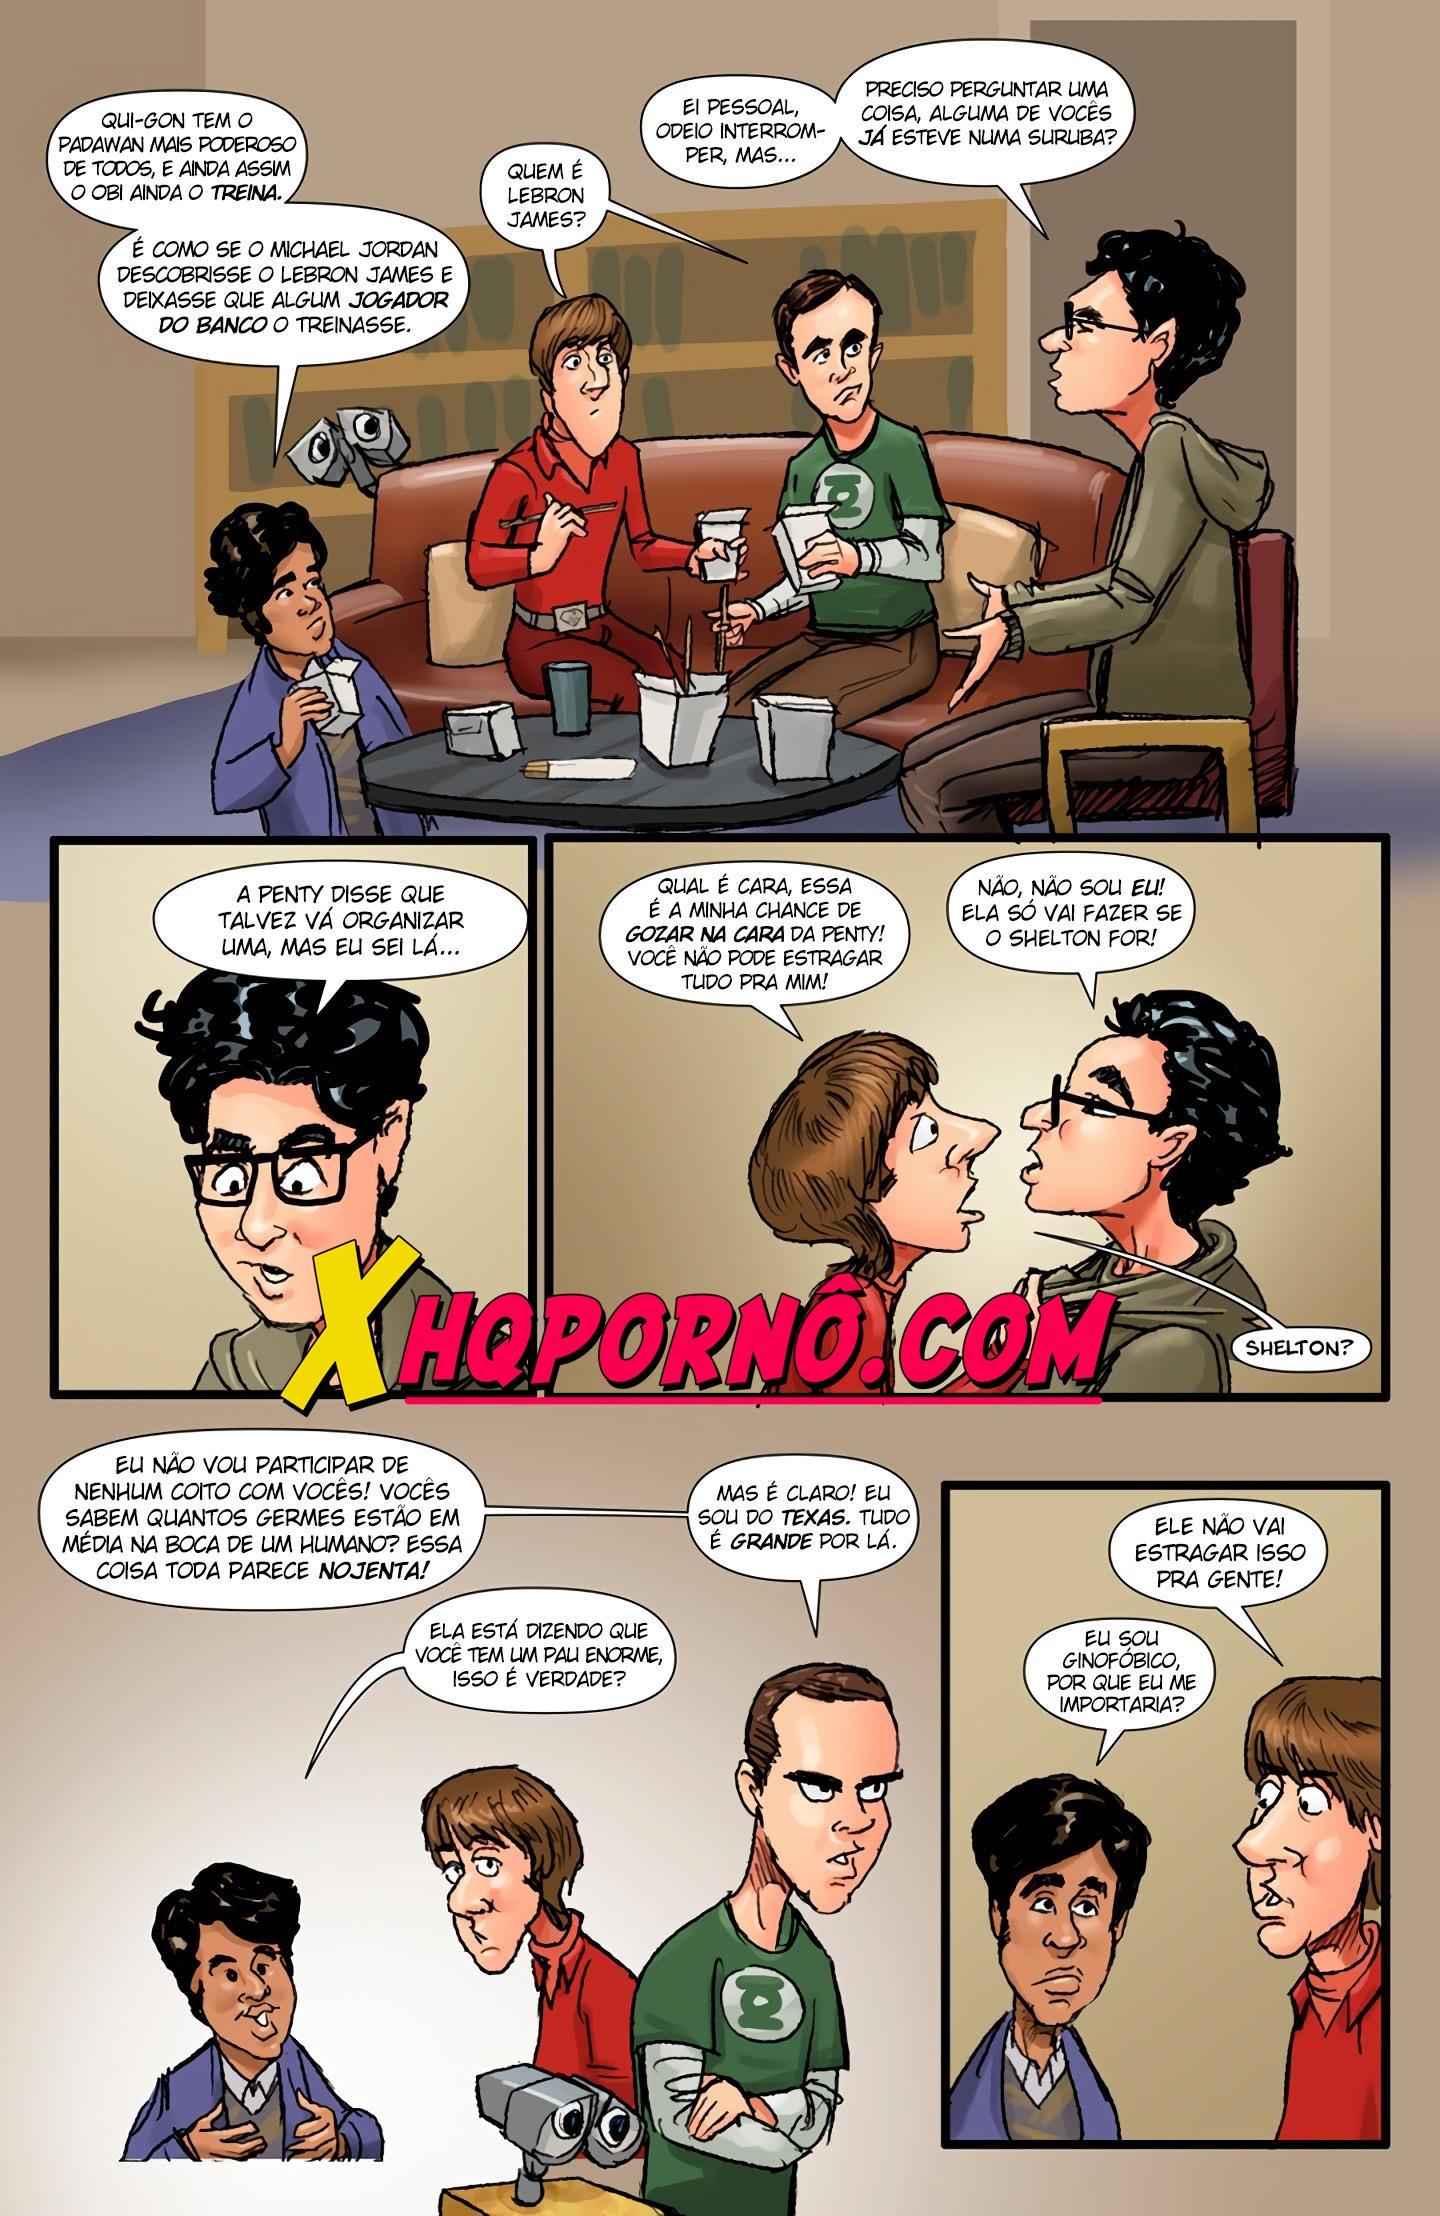 The big gang bang Theory